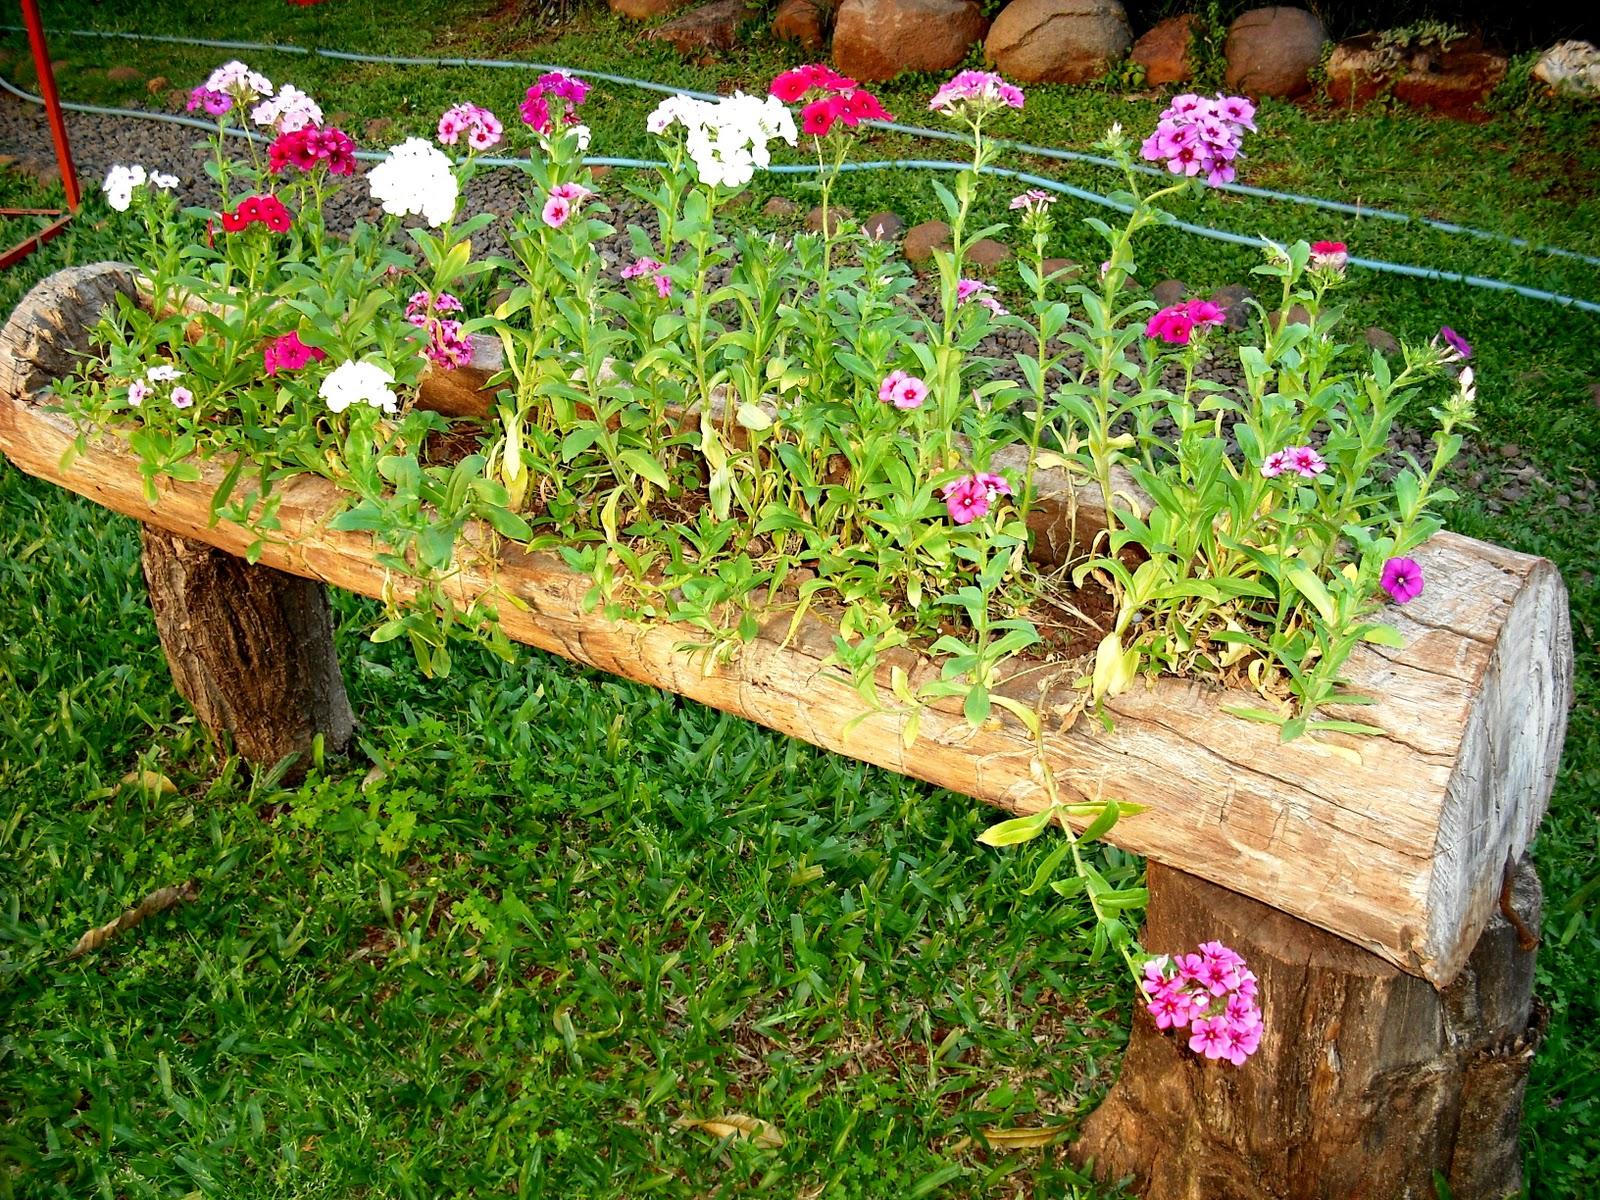 rosas no jardim de deus : rosas no jardim de deus:Postado por Silvia Belchor às 07:39